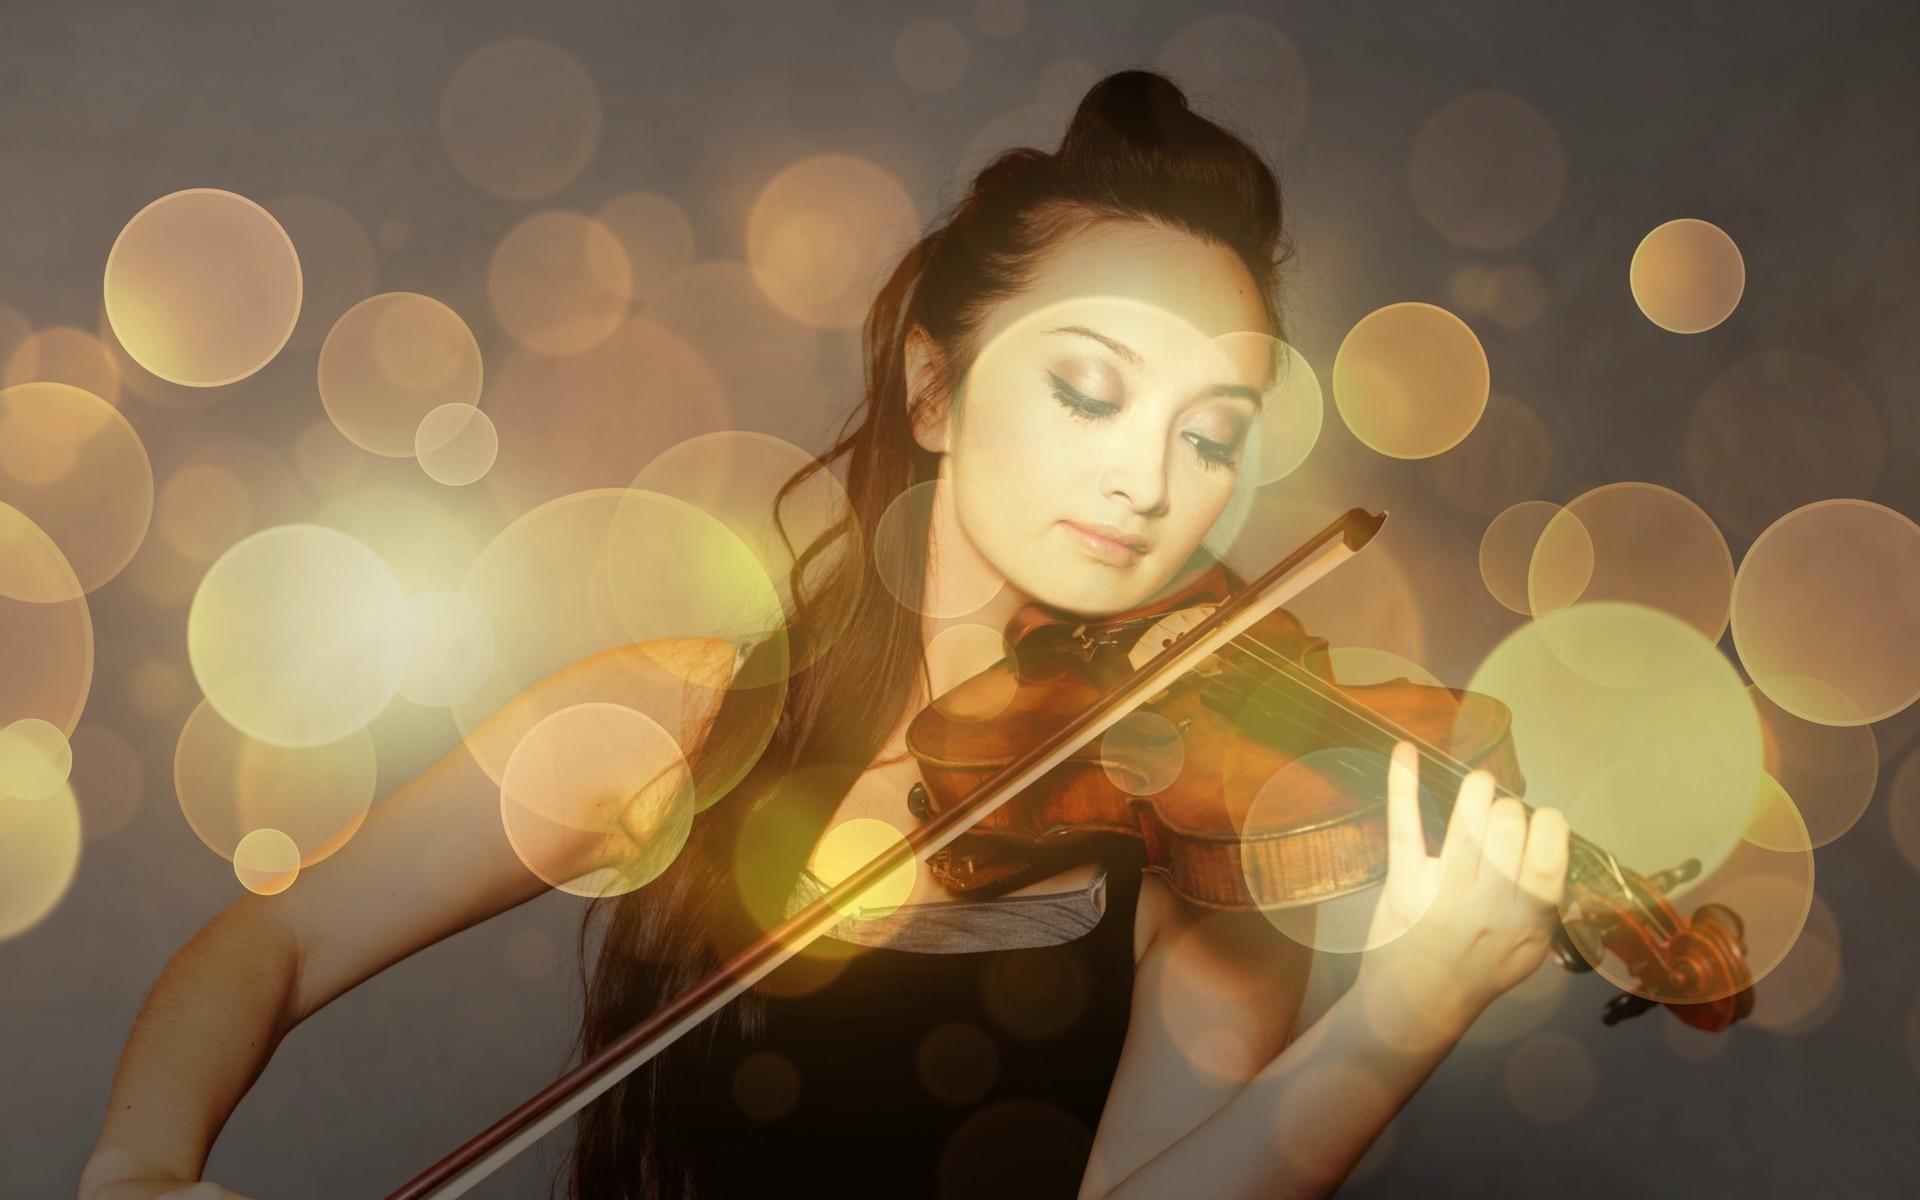 Photo of Ce Rezultate are Terapia prin Muzică în Evoluția Spirituală